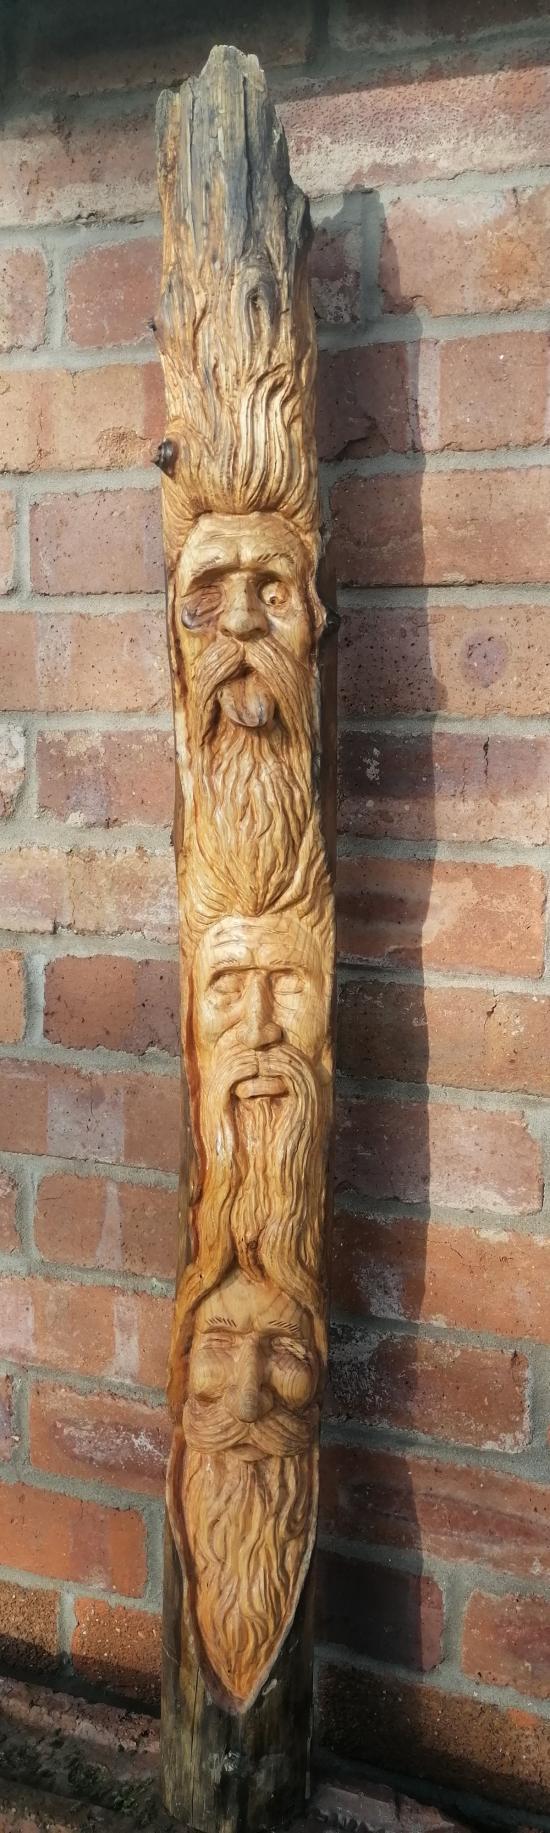 Trio Tree spirits